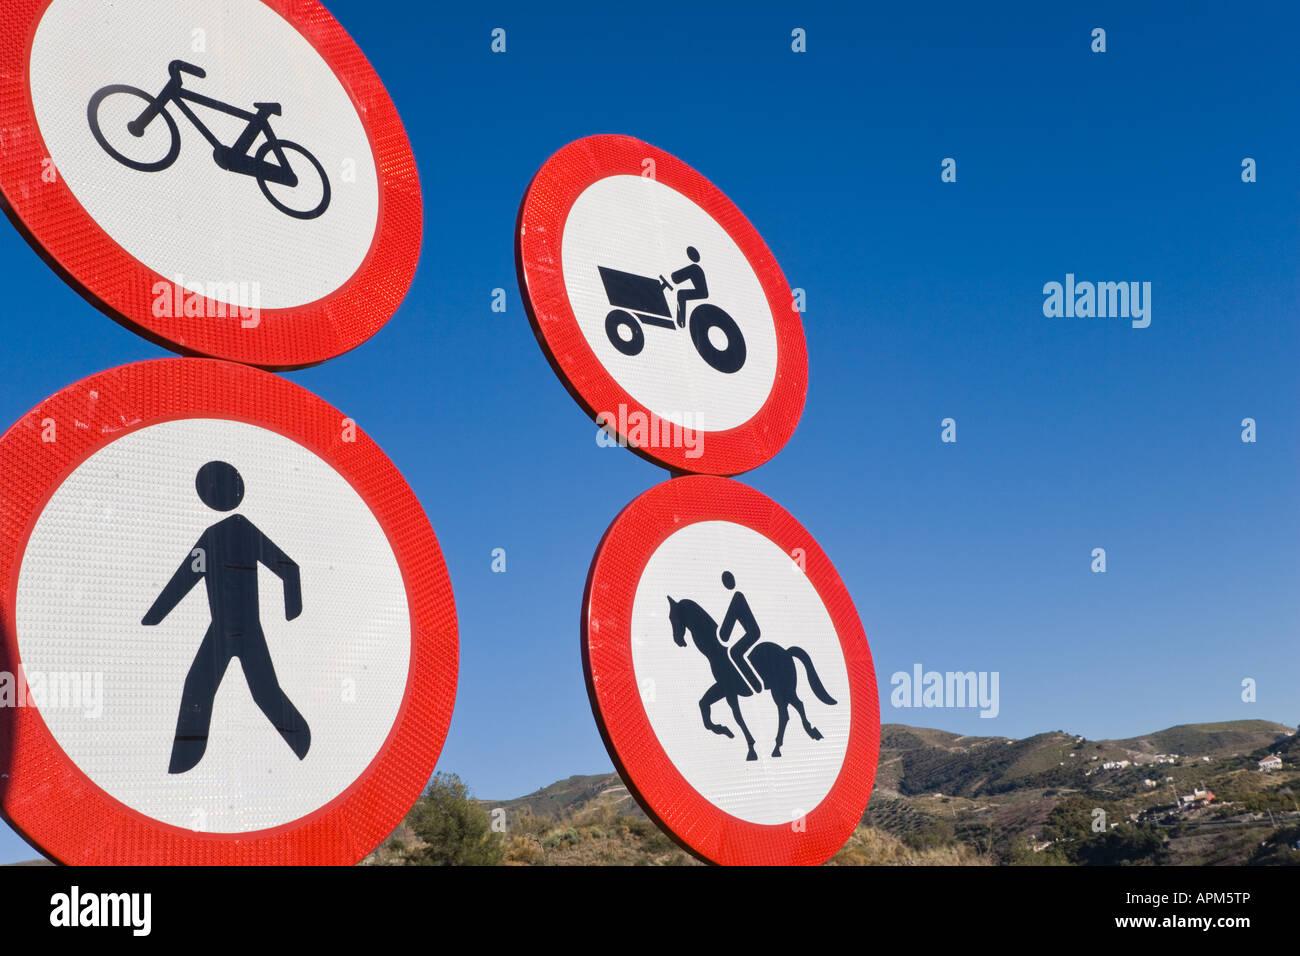 Verkehrszeichen am Eingang zur Autobahn in Spanien verbieten Zugang zu Fahrräder Bauernhof-Maschinerie Fußgänger Stockbild